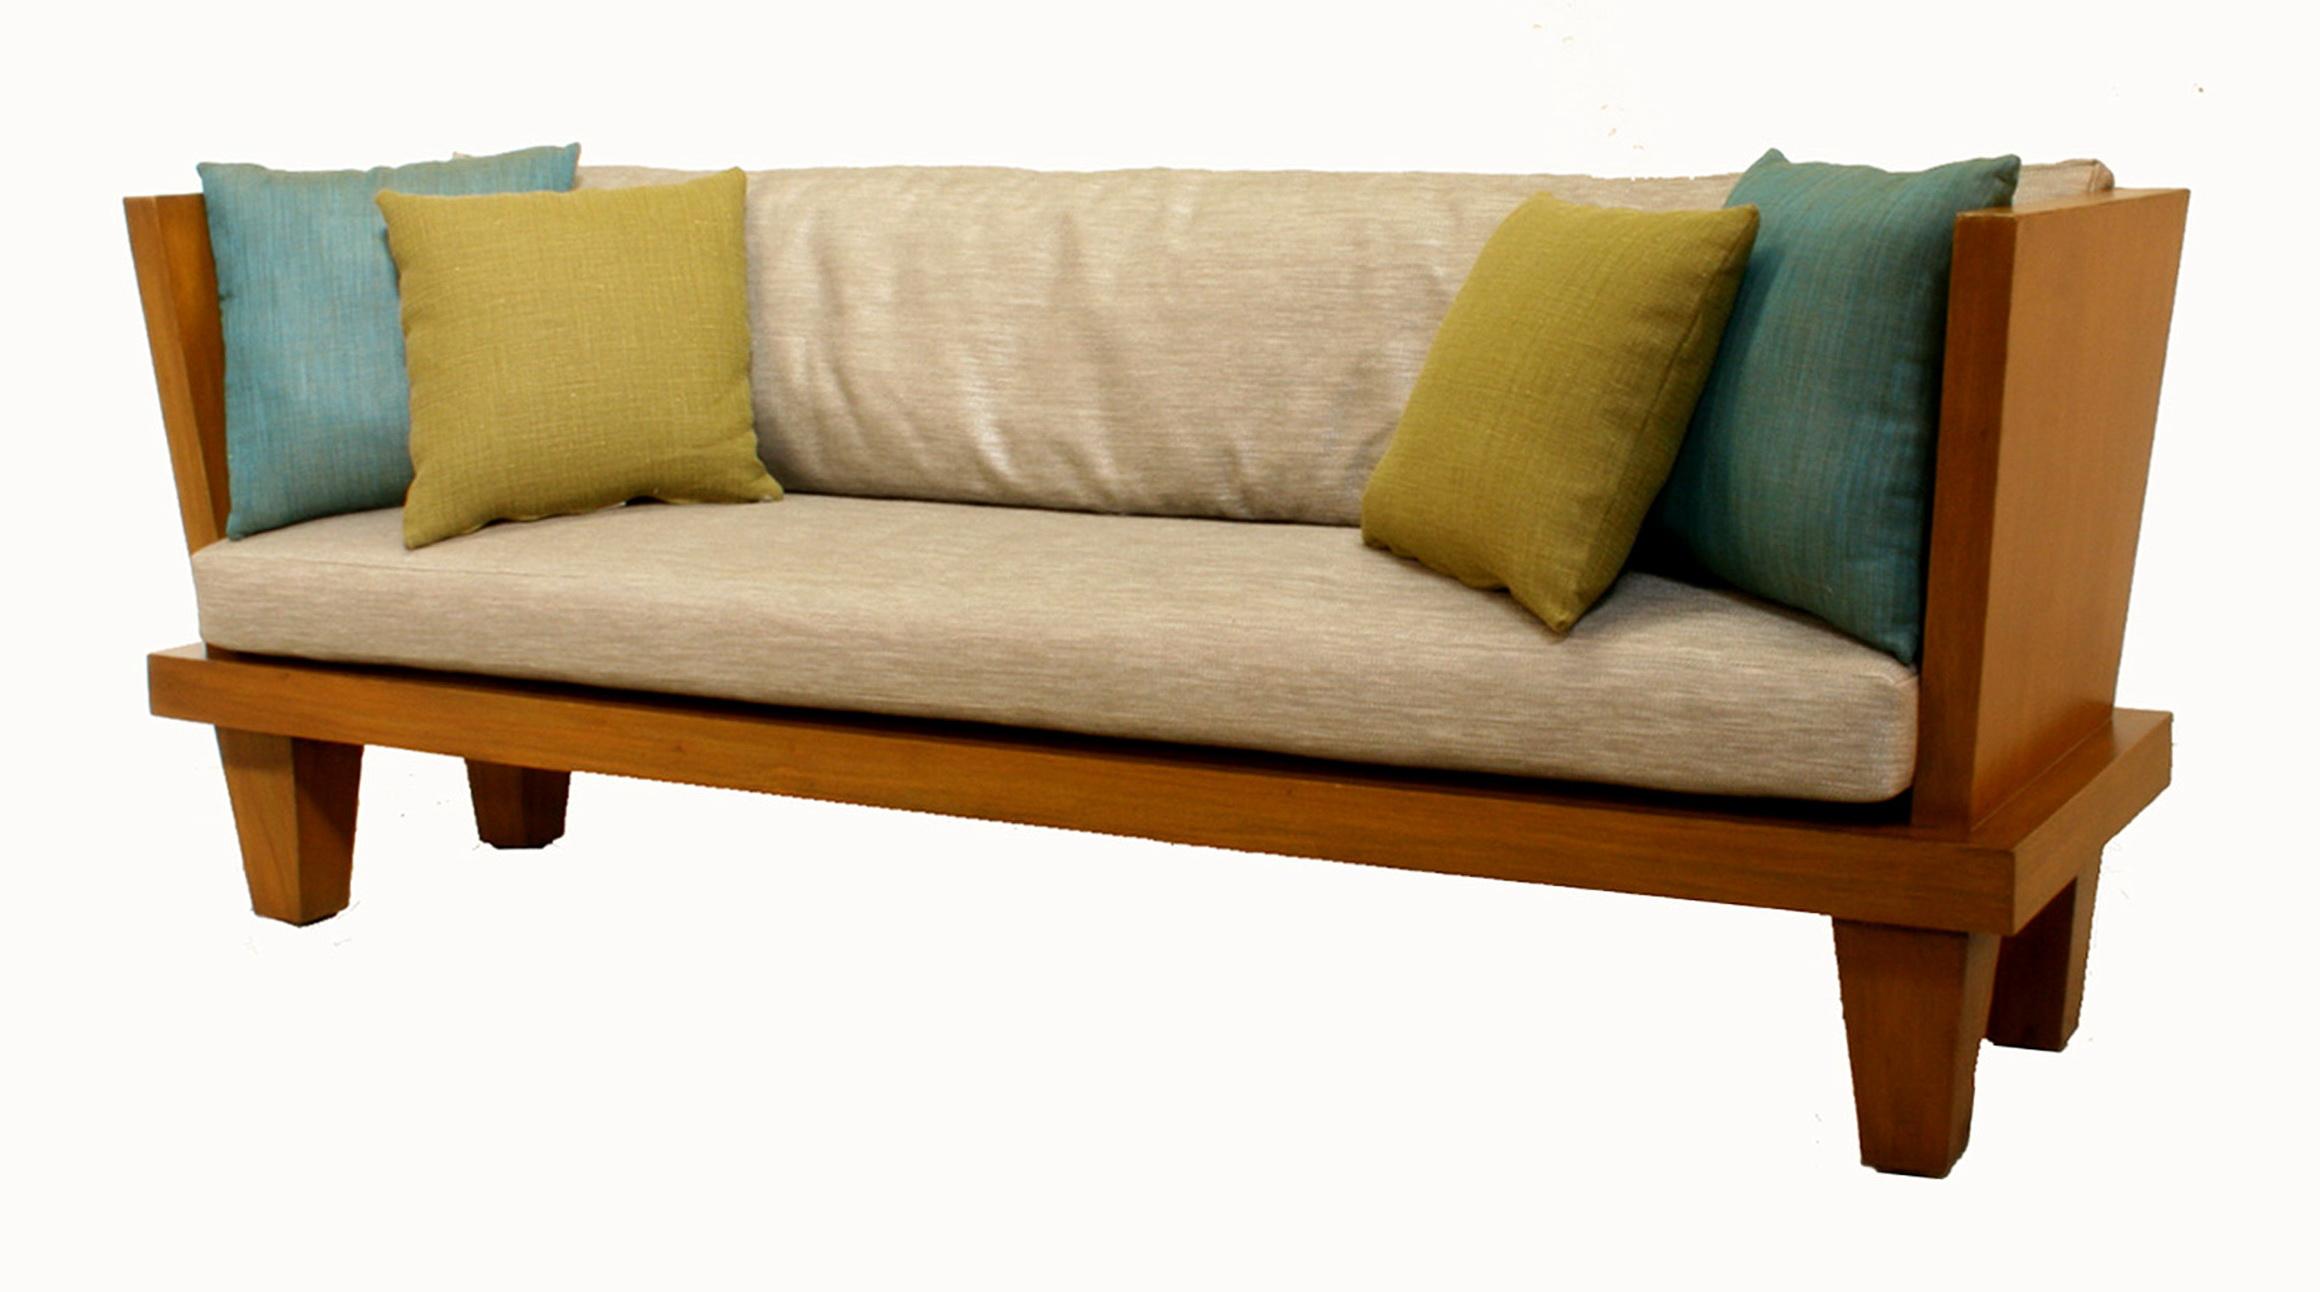 Indoor Bench Cushion 40 X 16